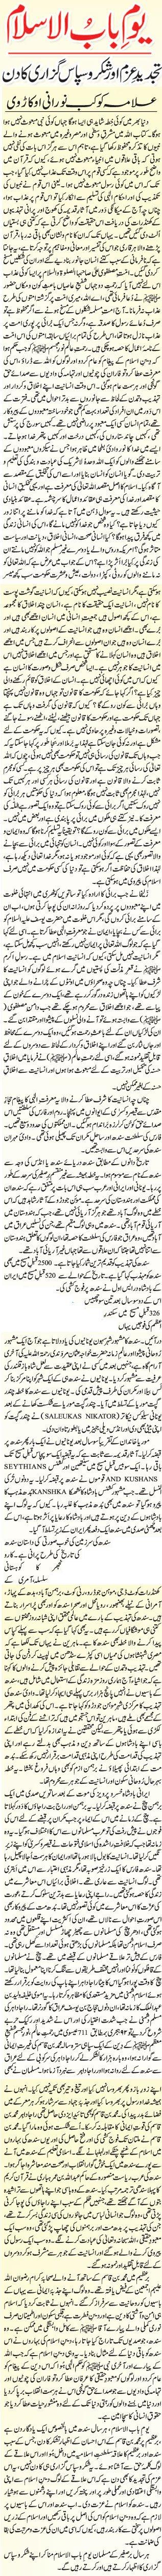 Youm-e-Baab-ul-Islam